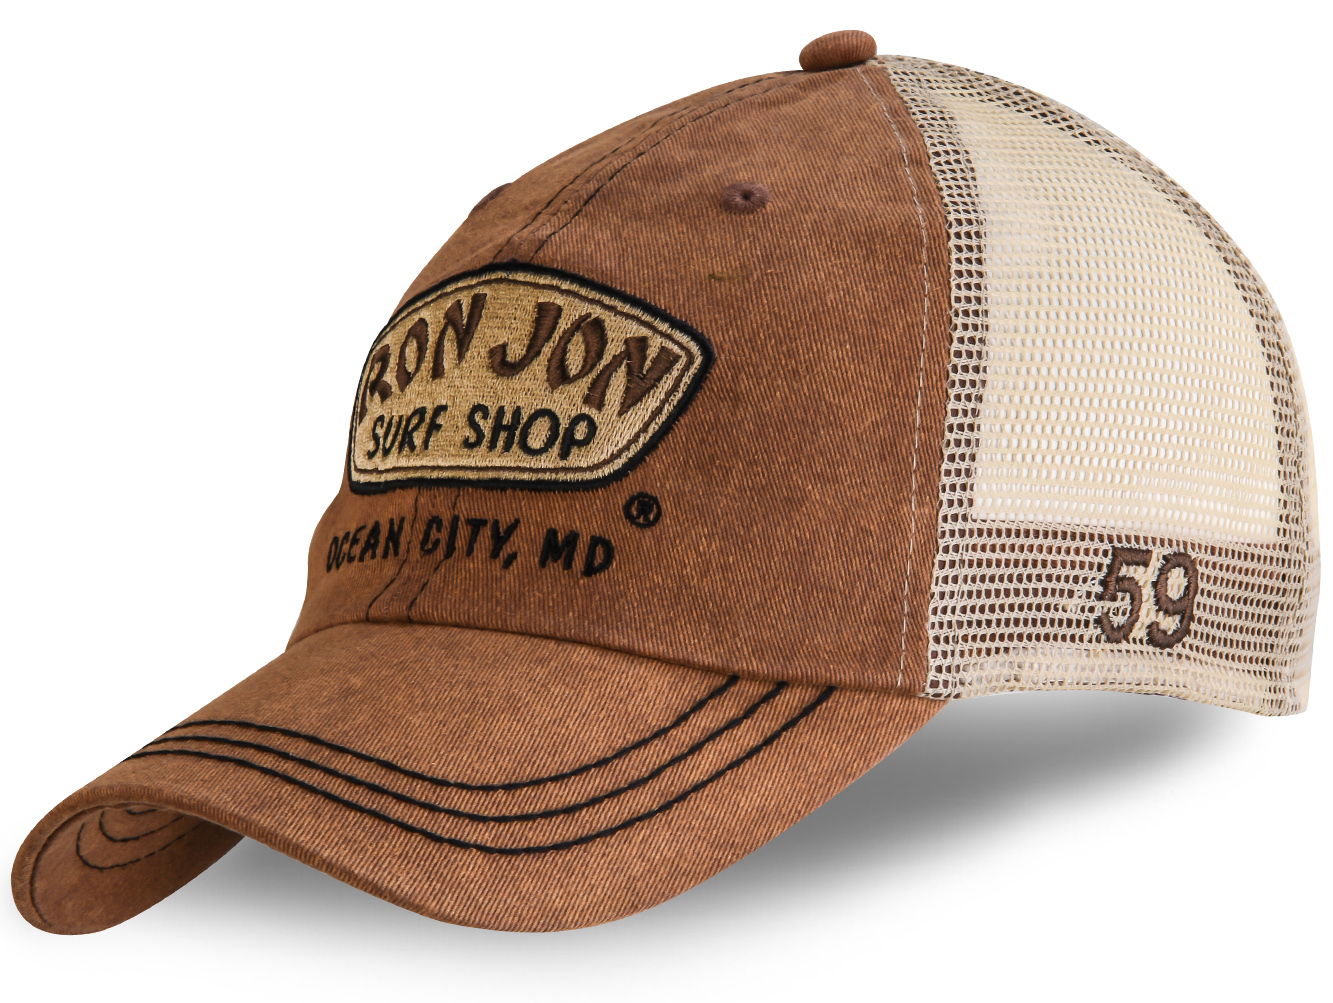 Летняя кепка с сеткой - купить в интернет-магазине с доставкой